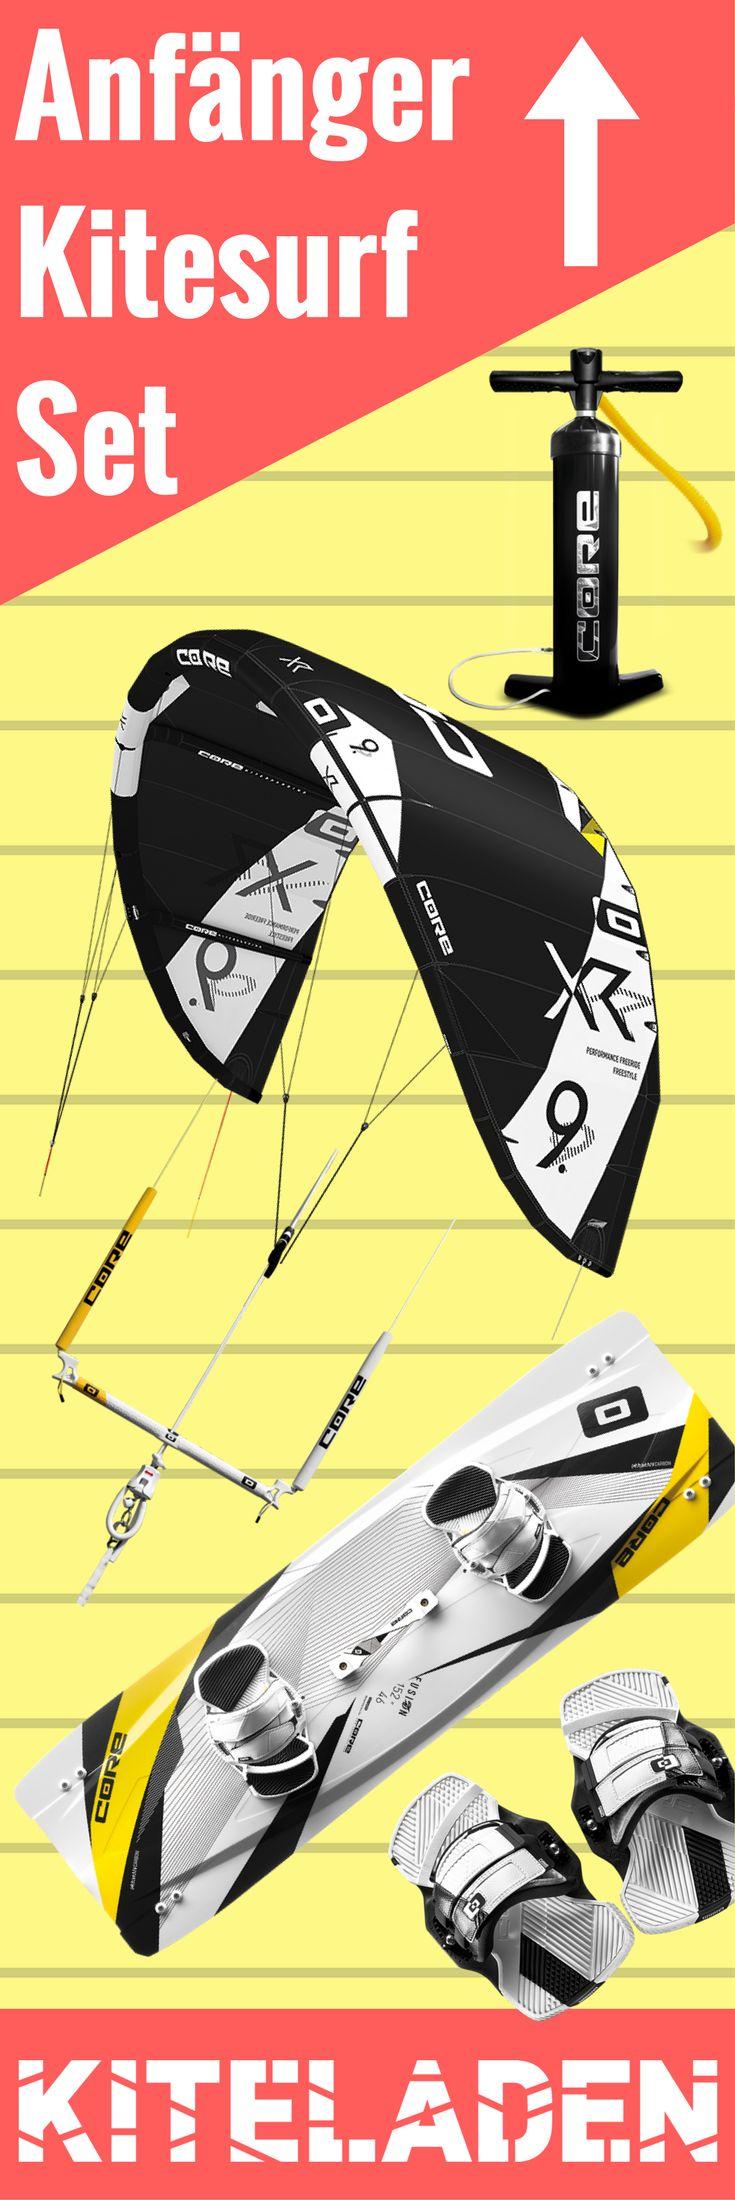 Du bist auf der Suche nach einem Einsteiger Set zum Kitesurfen, Material das dich die ersten Jahre deiner Kitesurf Karriere begleitet ohne dass du den Spaß verlierst? Sie dir dieses Leichtwind Beginner Kitesurf Set von Core Kiteboarding an und bestell schnell und sicher im Kiteladen Onlinestore. Auch mit Finanzierung möglich #corekites #kiteshop #beginnerkiteset https://www.kite-team.de/Core-Leichtwind-Kiteset-XR5-LW-Fusion-3-LW